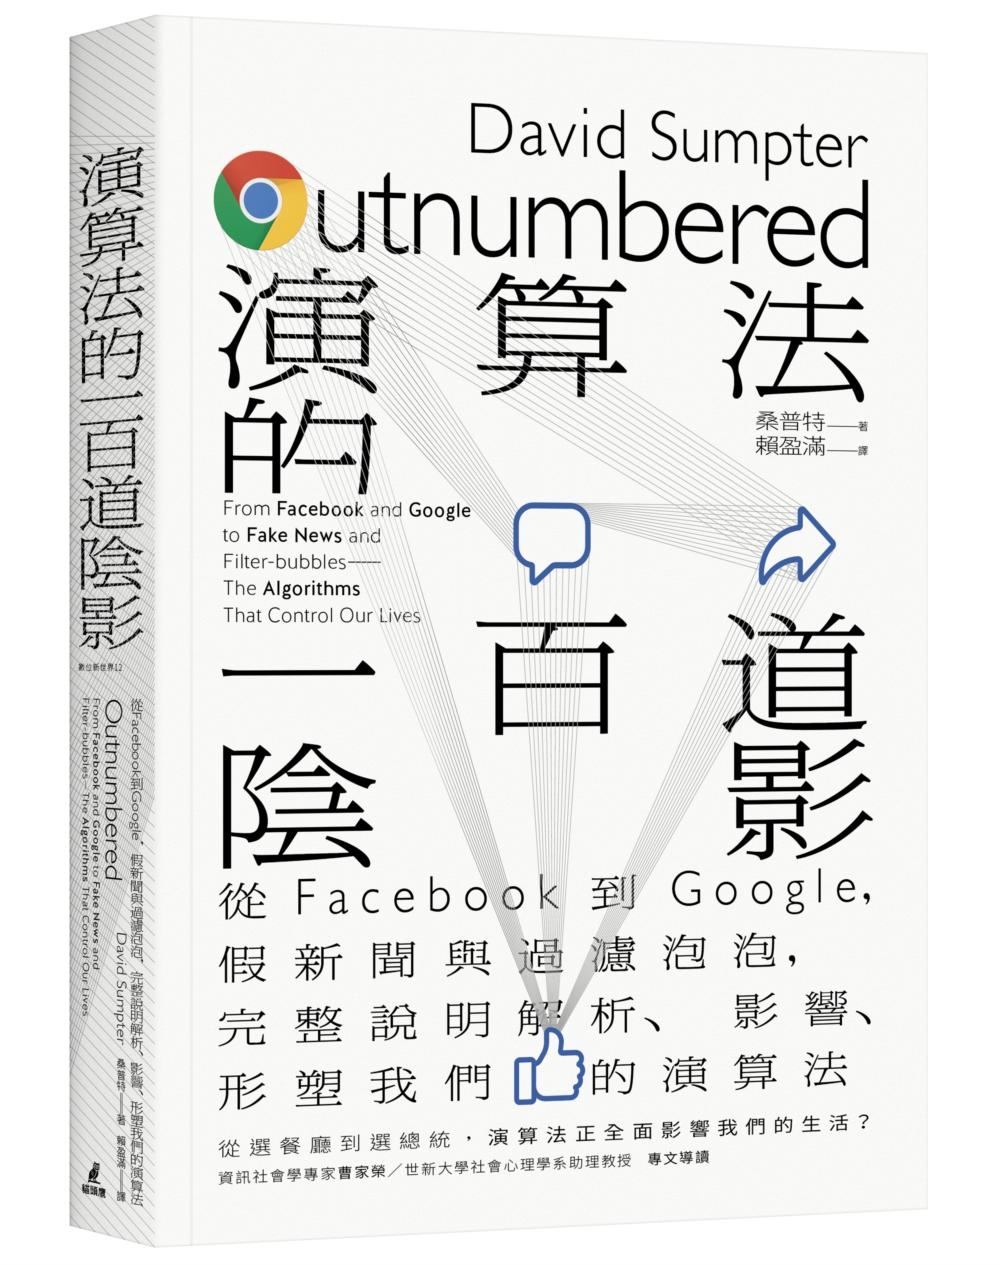 演算法的一百道陰影:從Facebook到Google,假新聞與過濾泡泡,完整說明解析、影響、形塑我們的演算法